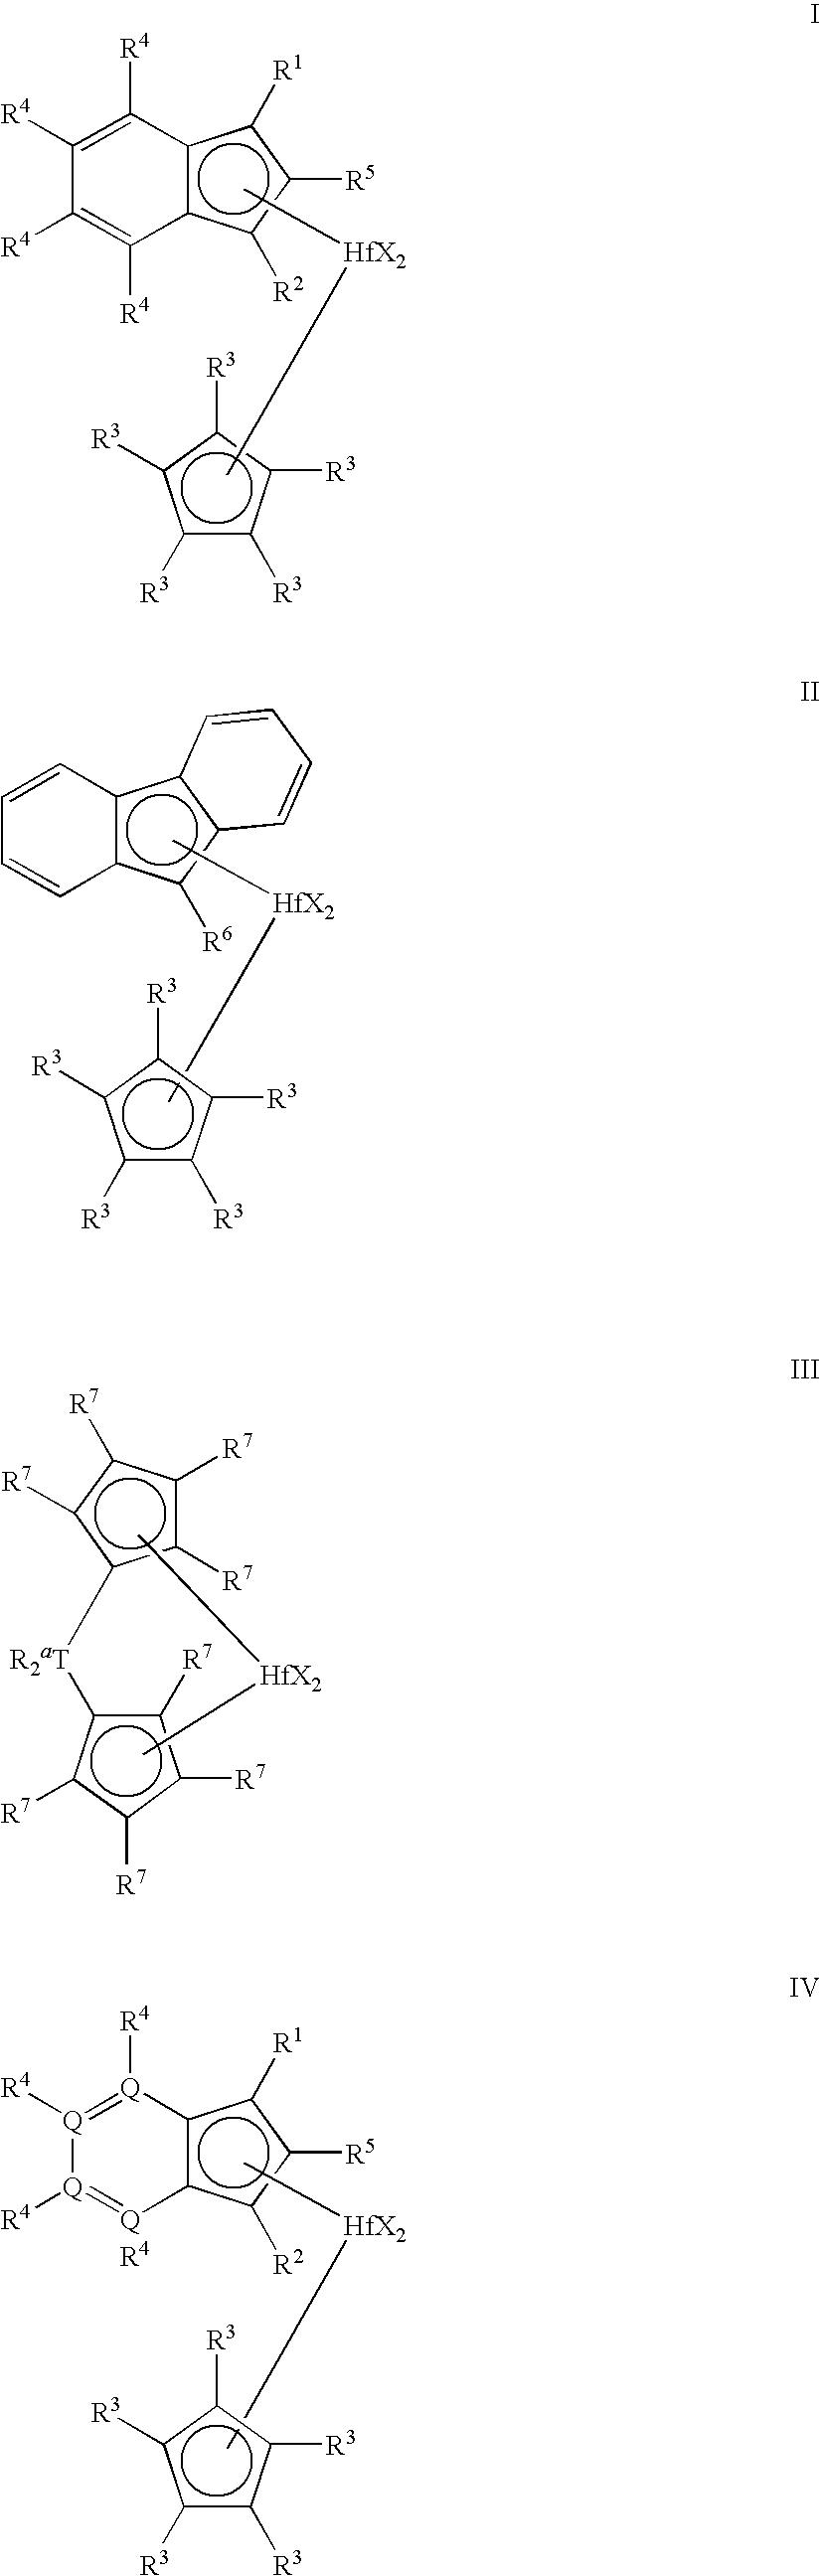 Figure US20090318640A1-20091224-C00020